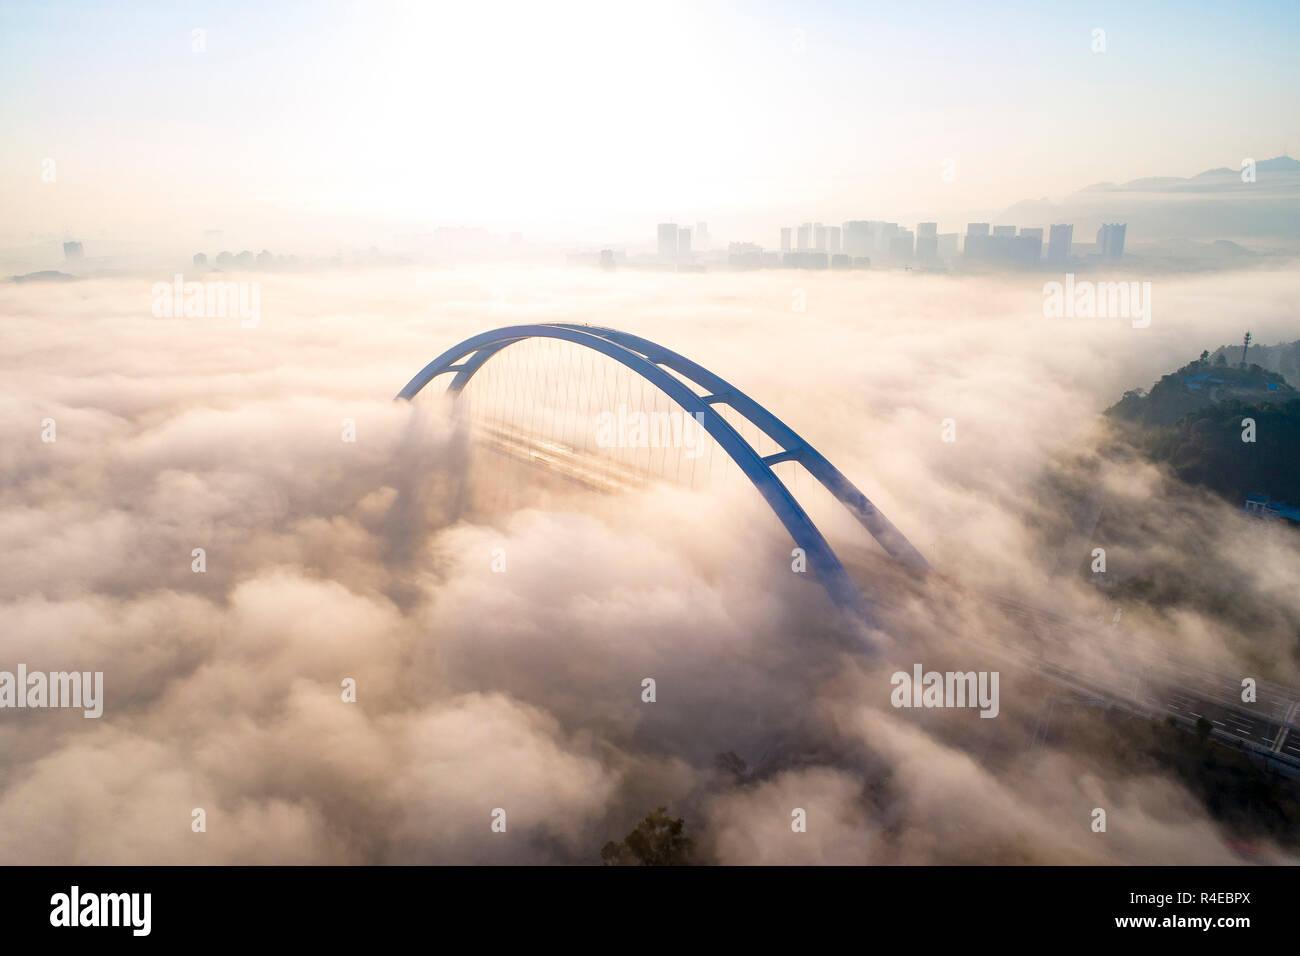 Liuzhou. 27 Nov, 2018. Foto aérea tomada el 27 de noviembre de 2018, muestra el puente Guantang en Liuzhou, sur de China, en la Región Autónoma de Guangxi Zhuang. El puente, que se extiende a lo largo de una distancia de 457 metros, se abrió al tráfico el martes. Crédito: Li Bin/Xinhua/Alamy Live News Imagen De Stock